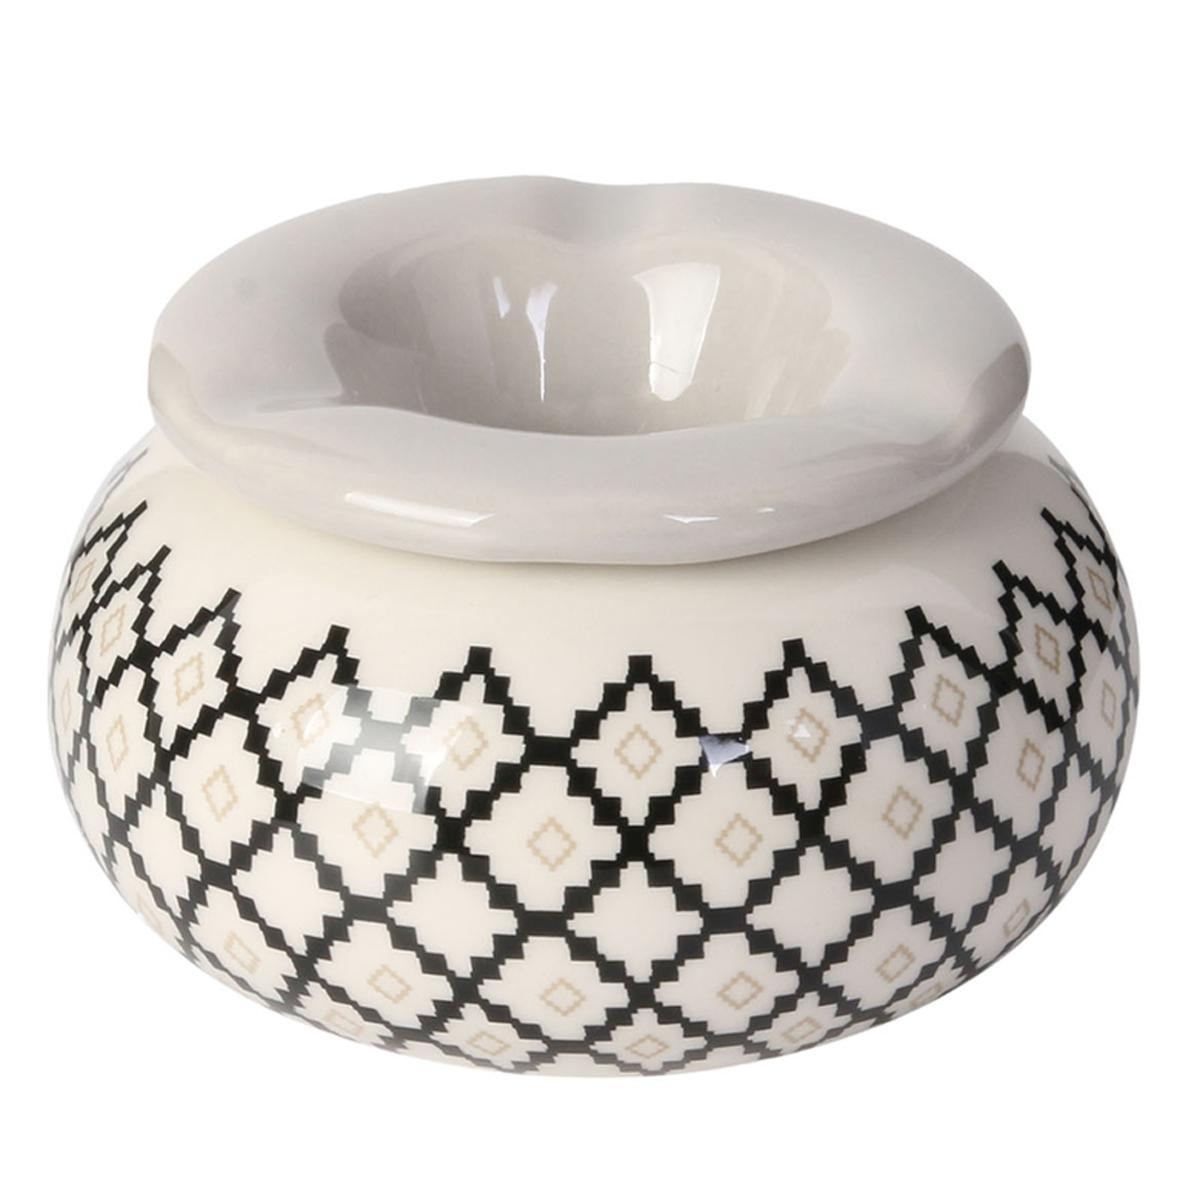 Cendrier marocain céramique \'Boho\' gris - 10x6 cm - [A1821]